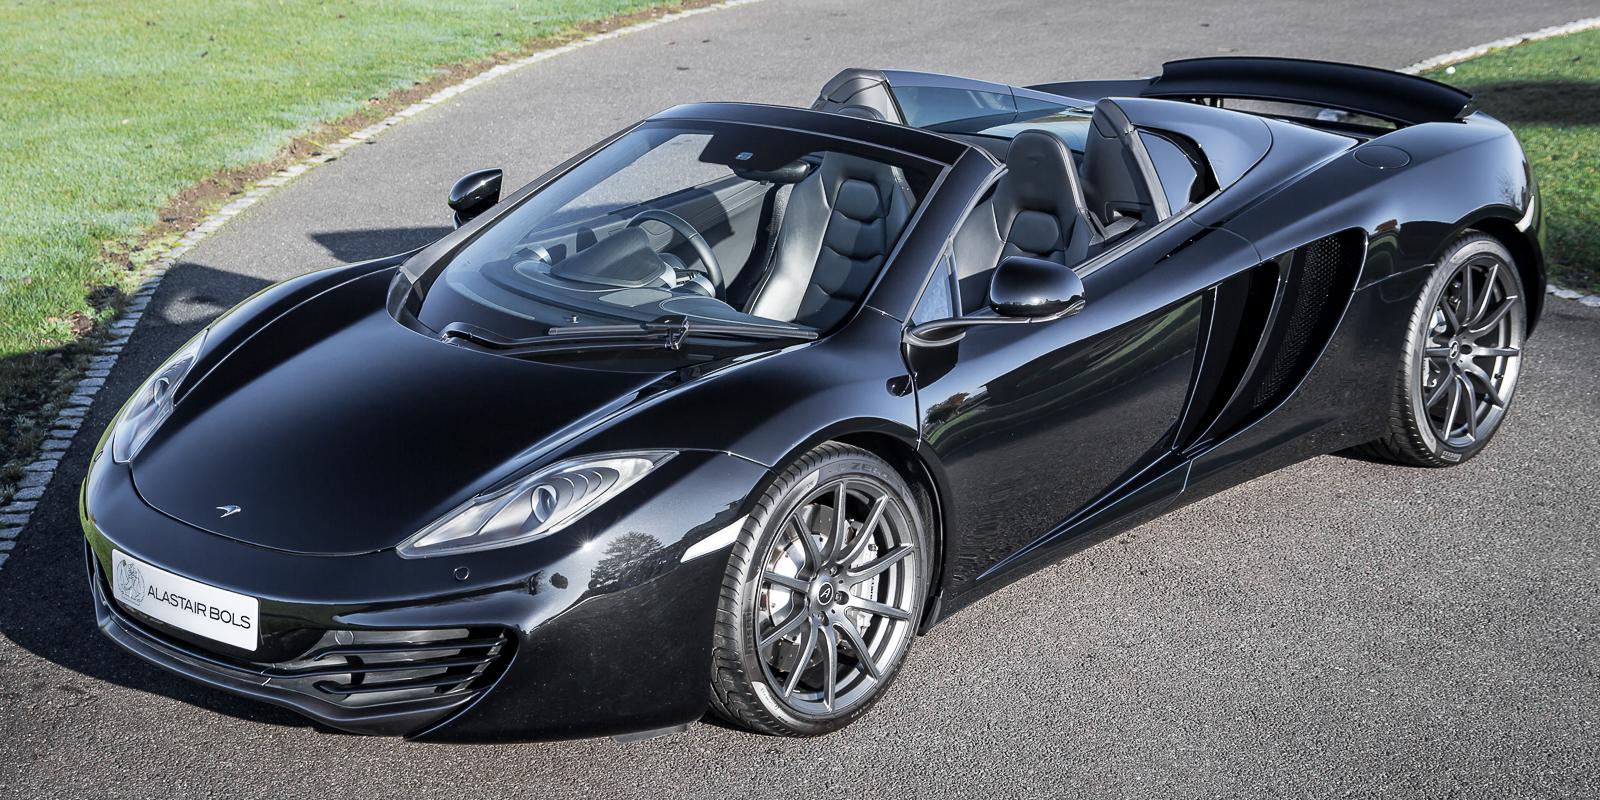 McLaren 12C Spider – Carbon Black